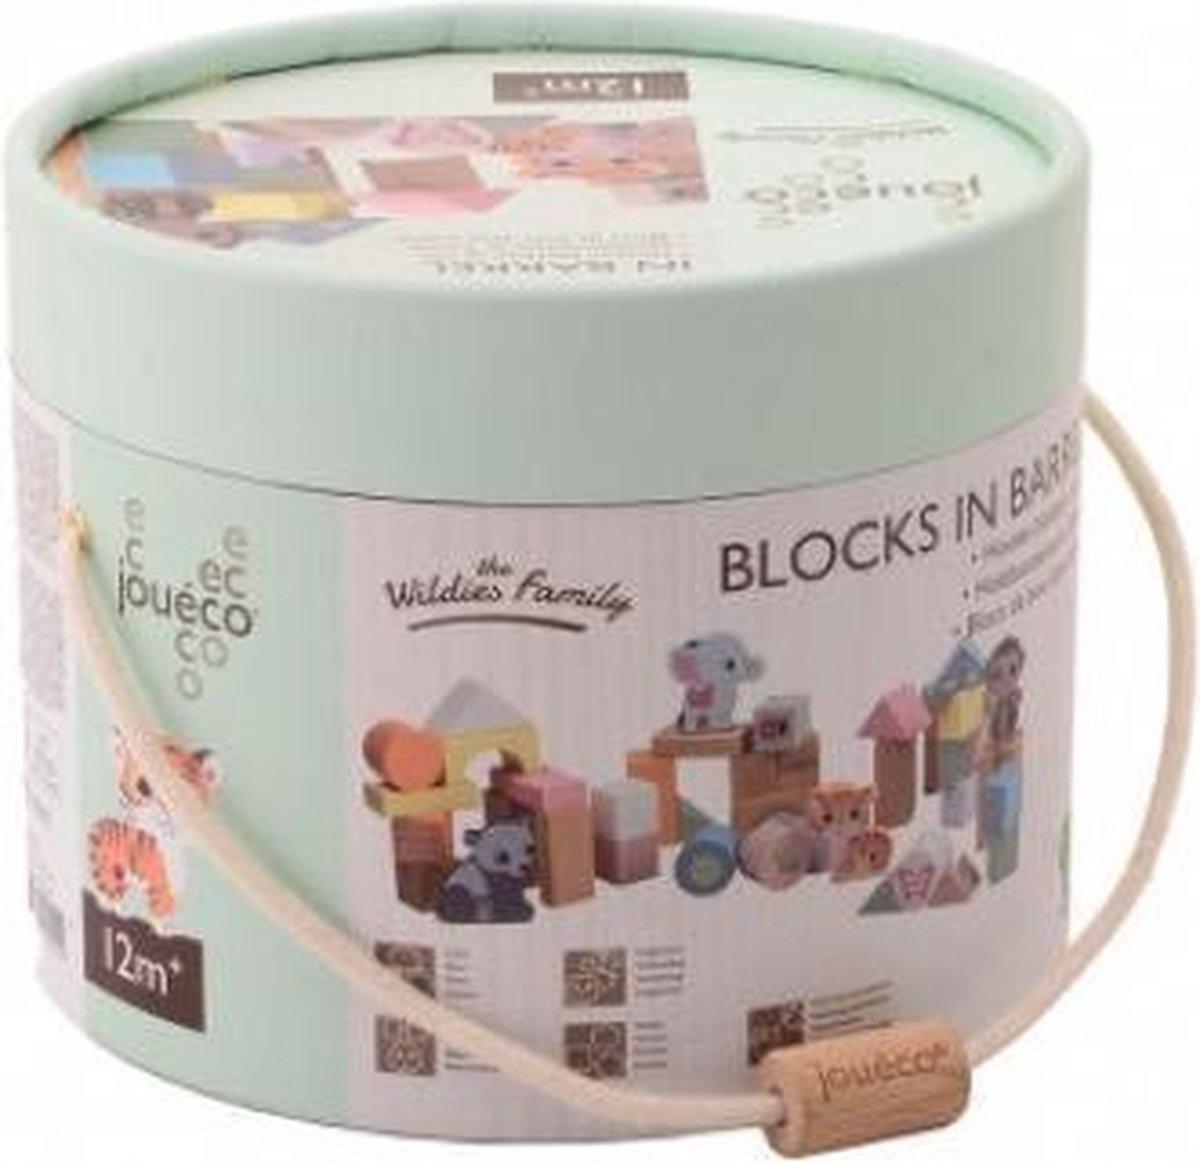 Jouéco® - The Wildies Family Houten blokken in ton 50 stuks